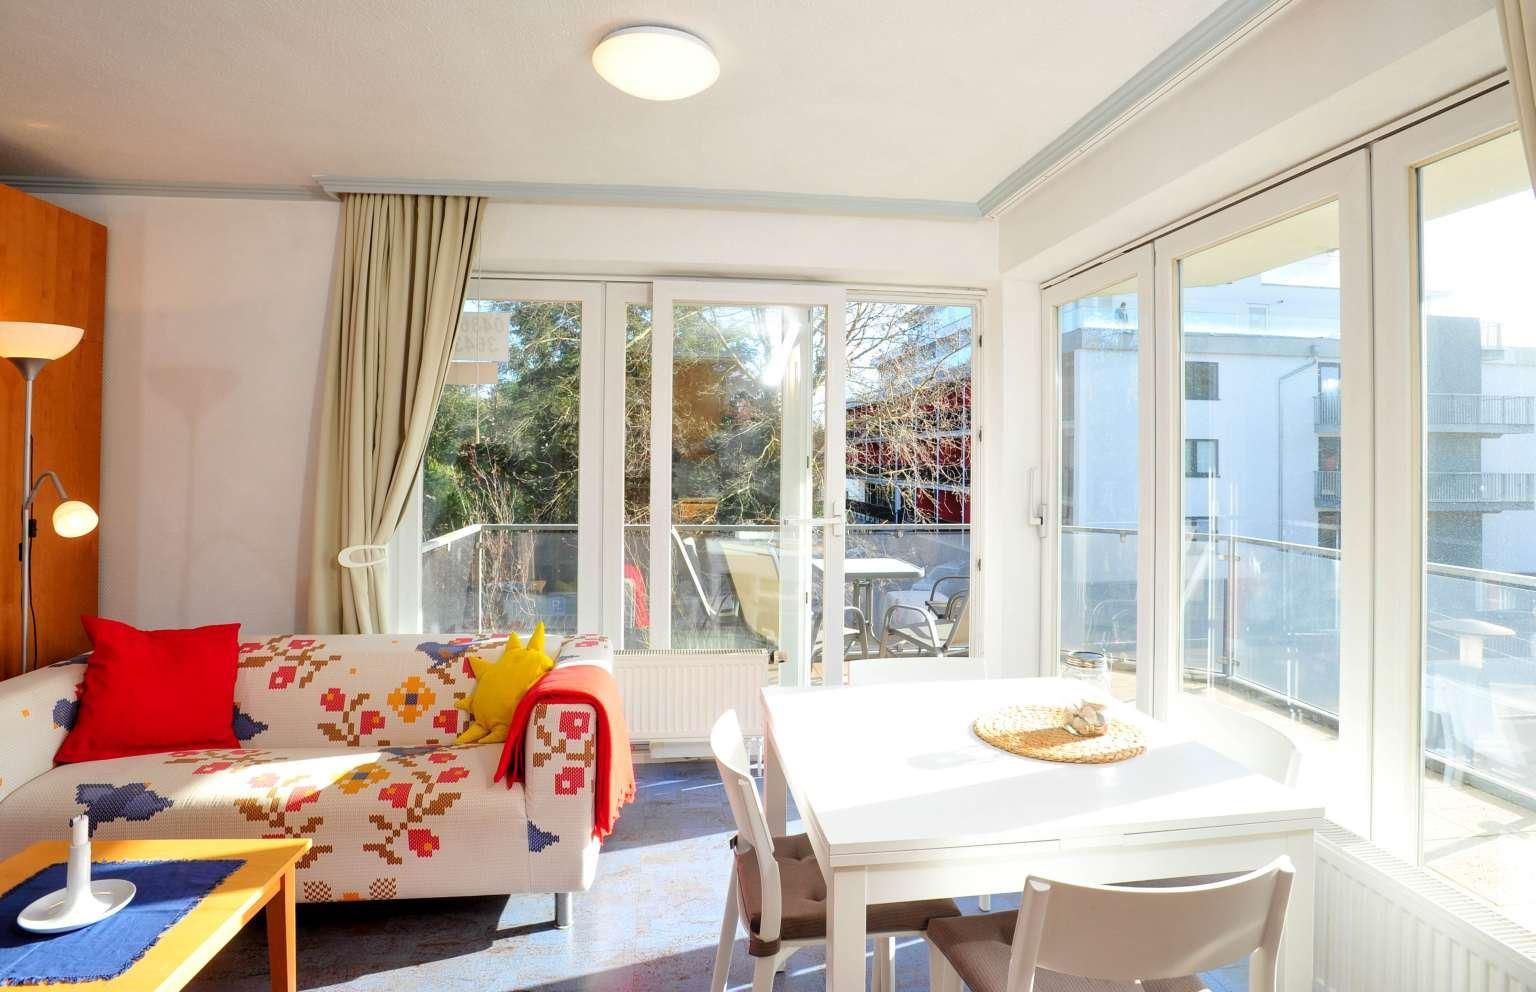 """Wohnzimmer Wohnung 5 """"Meer und Sonne"""", Strandläuferweg 10, St. Peter-Bad"""